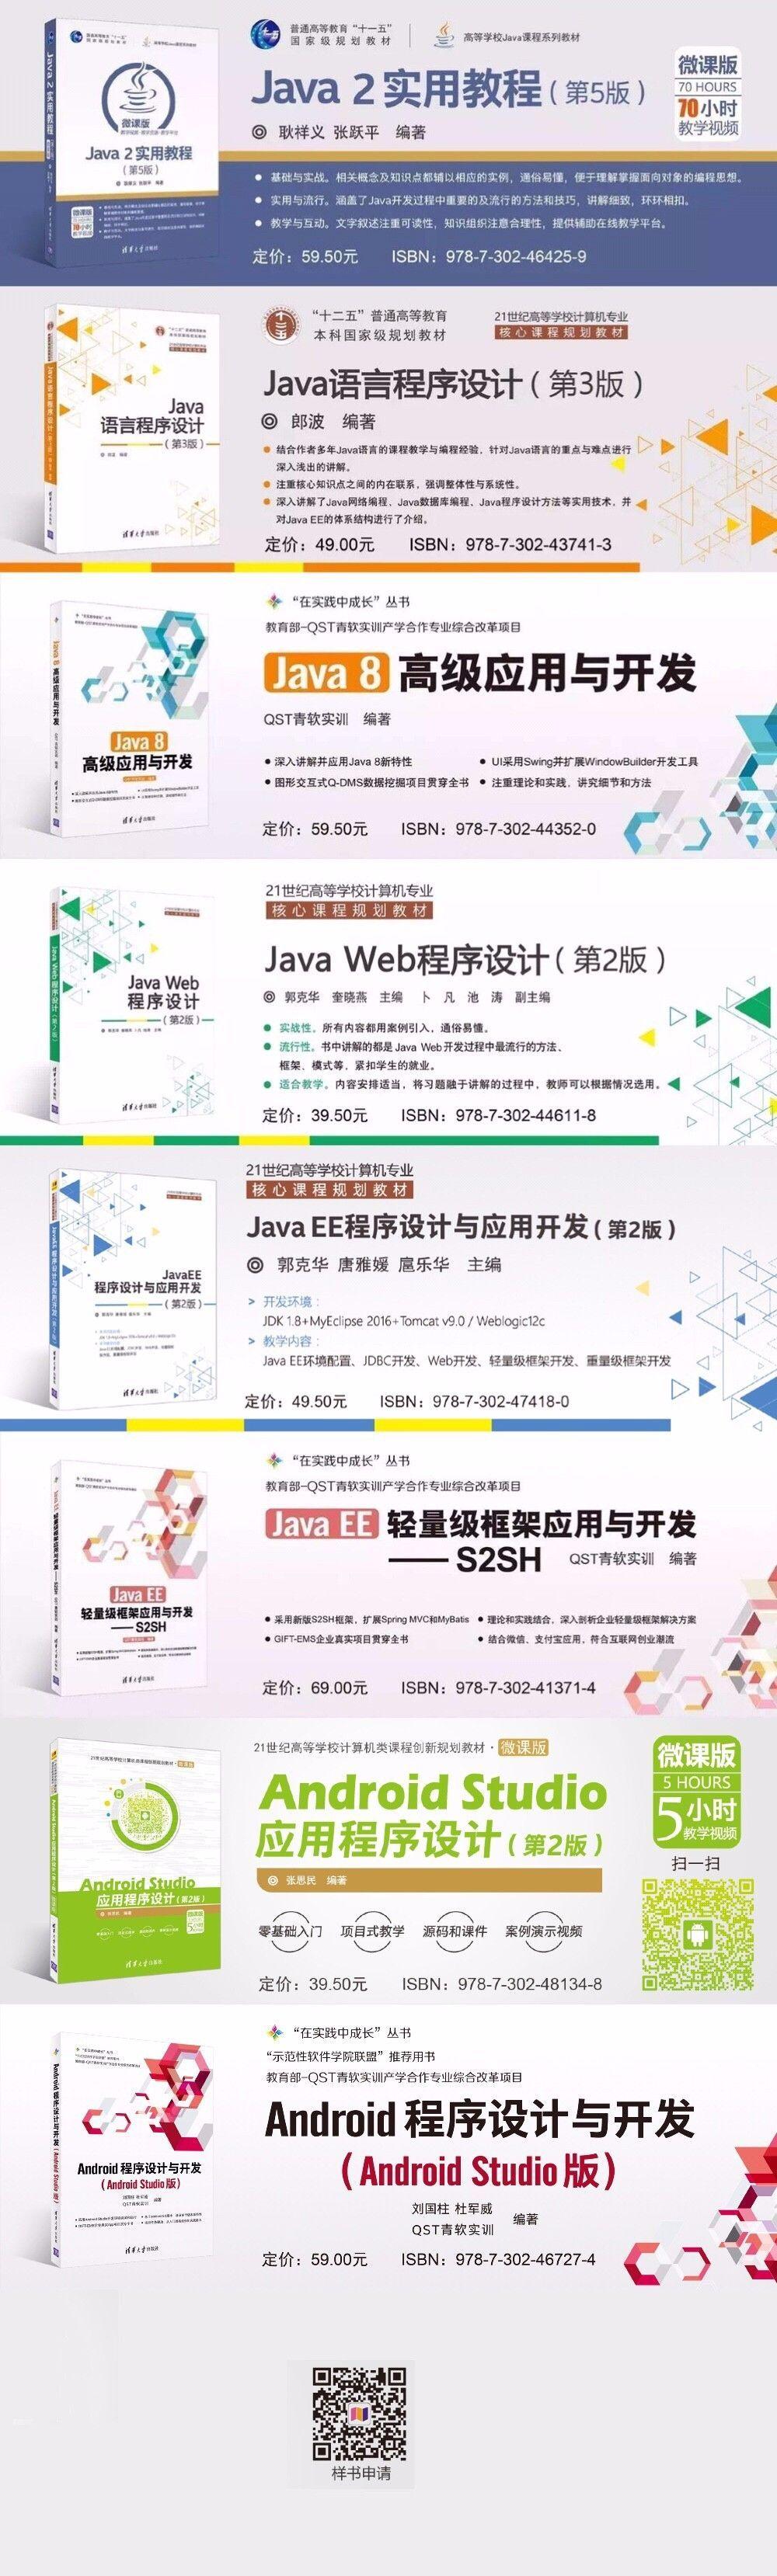 看完一个在校大学生的 Java 学习历程,我觉得我还能学得更多